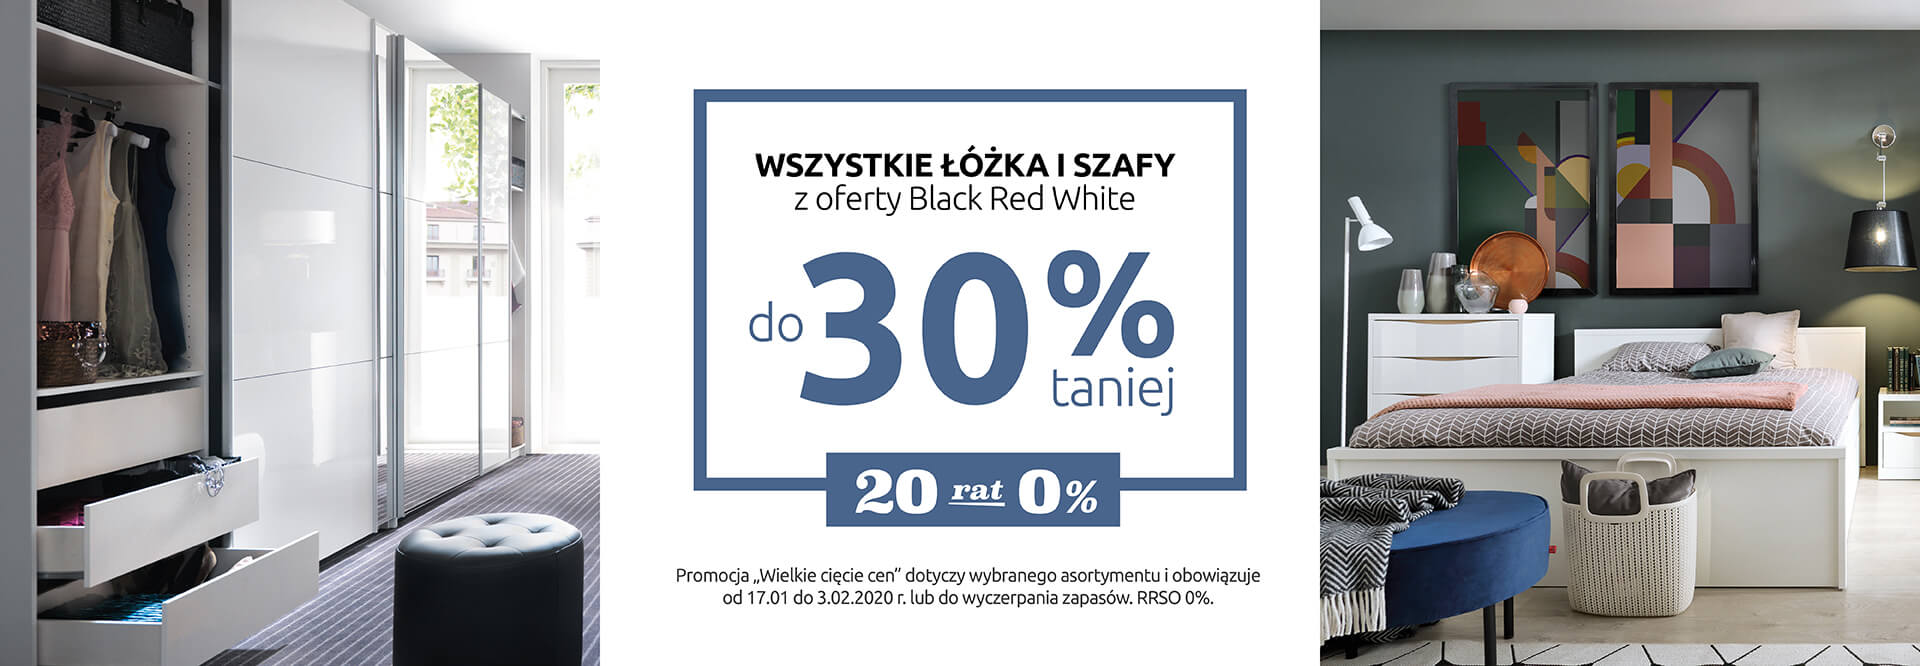 Wszystkie łóżka i szafy z oferty Black Red White do 30% taniej. Sprawdź!